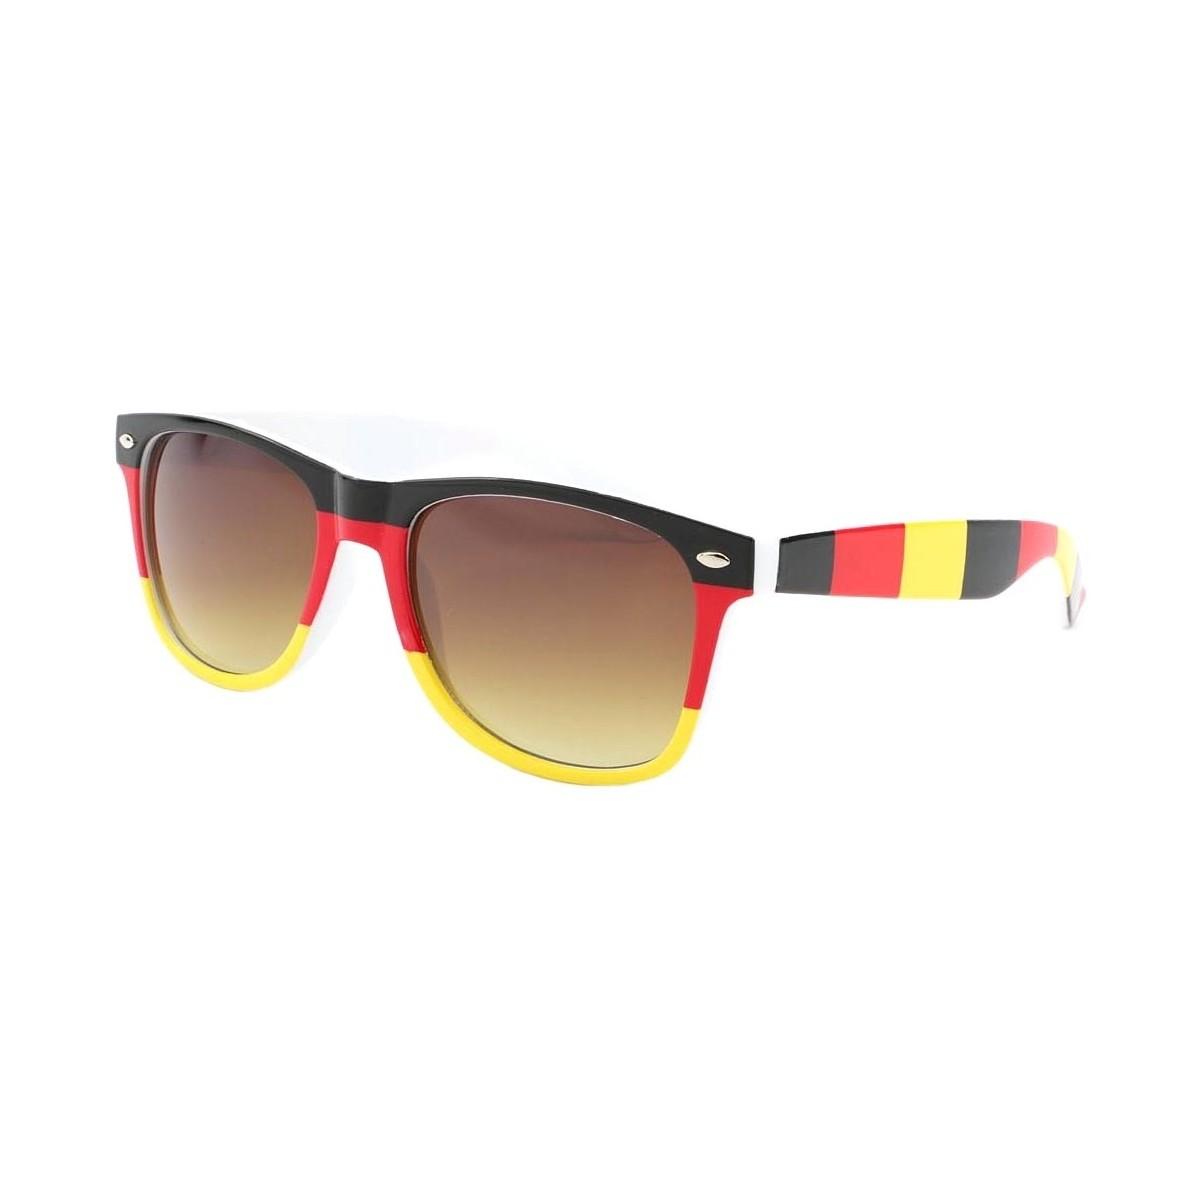 Eye Wear Lunettes de soleil Allemagne Noire Rouge Jaune Noir